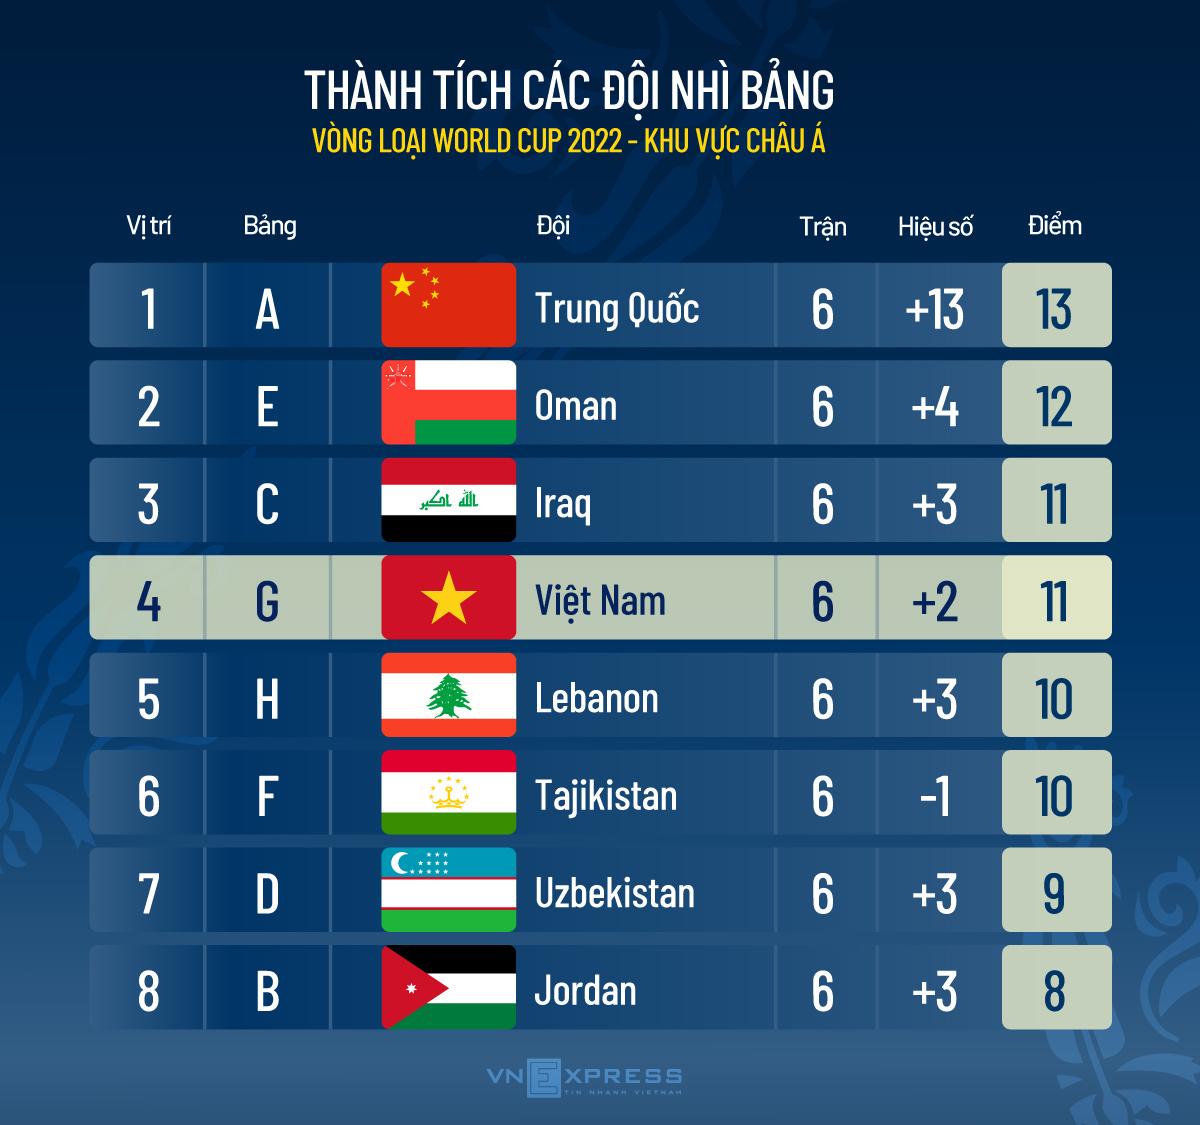 Trần Minh Vương: Hòa UAE thì đẹp biết bao - 3